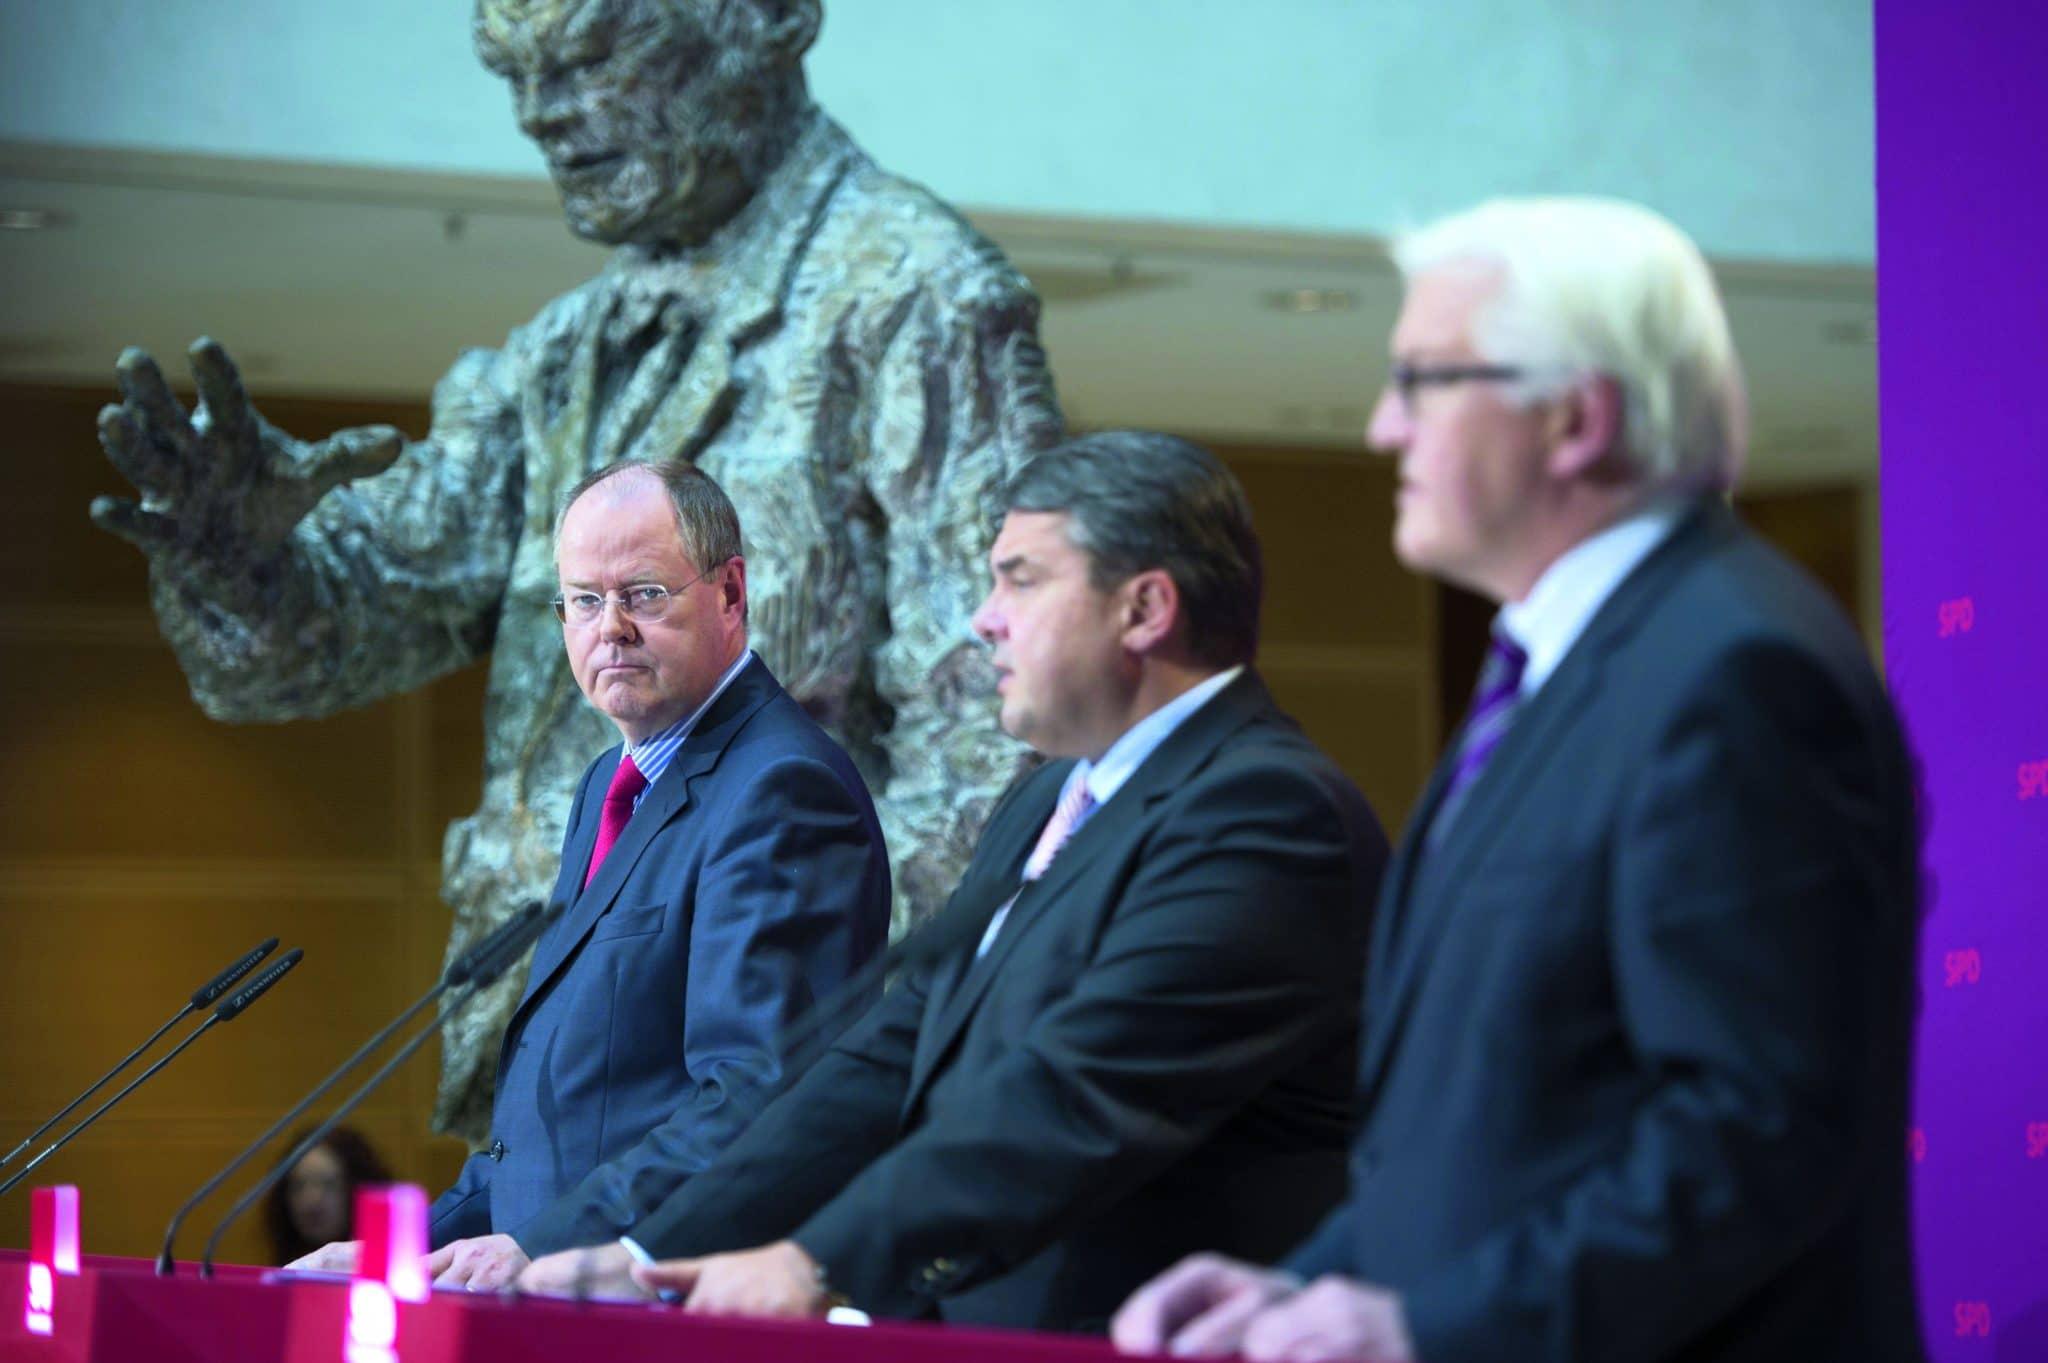 Die Kandidatenkür im Willy-Brandt-Haus, Foto: Marco Urban